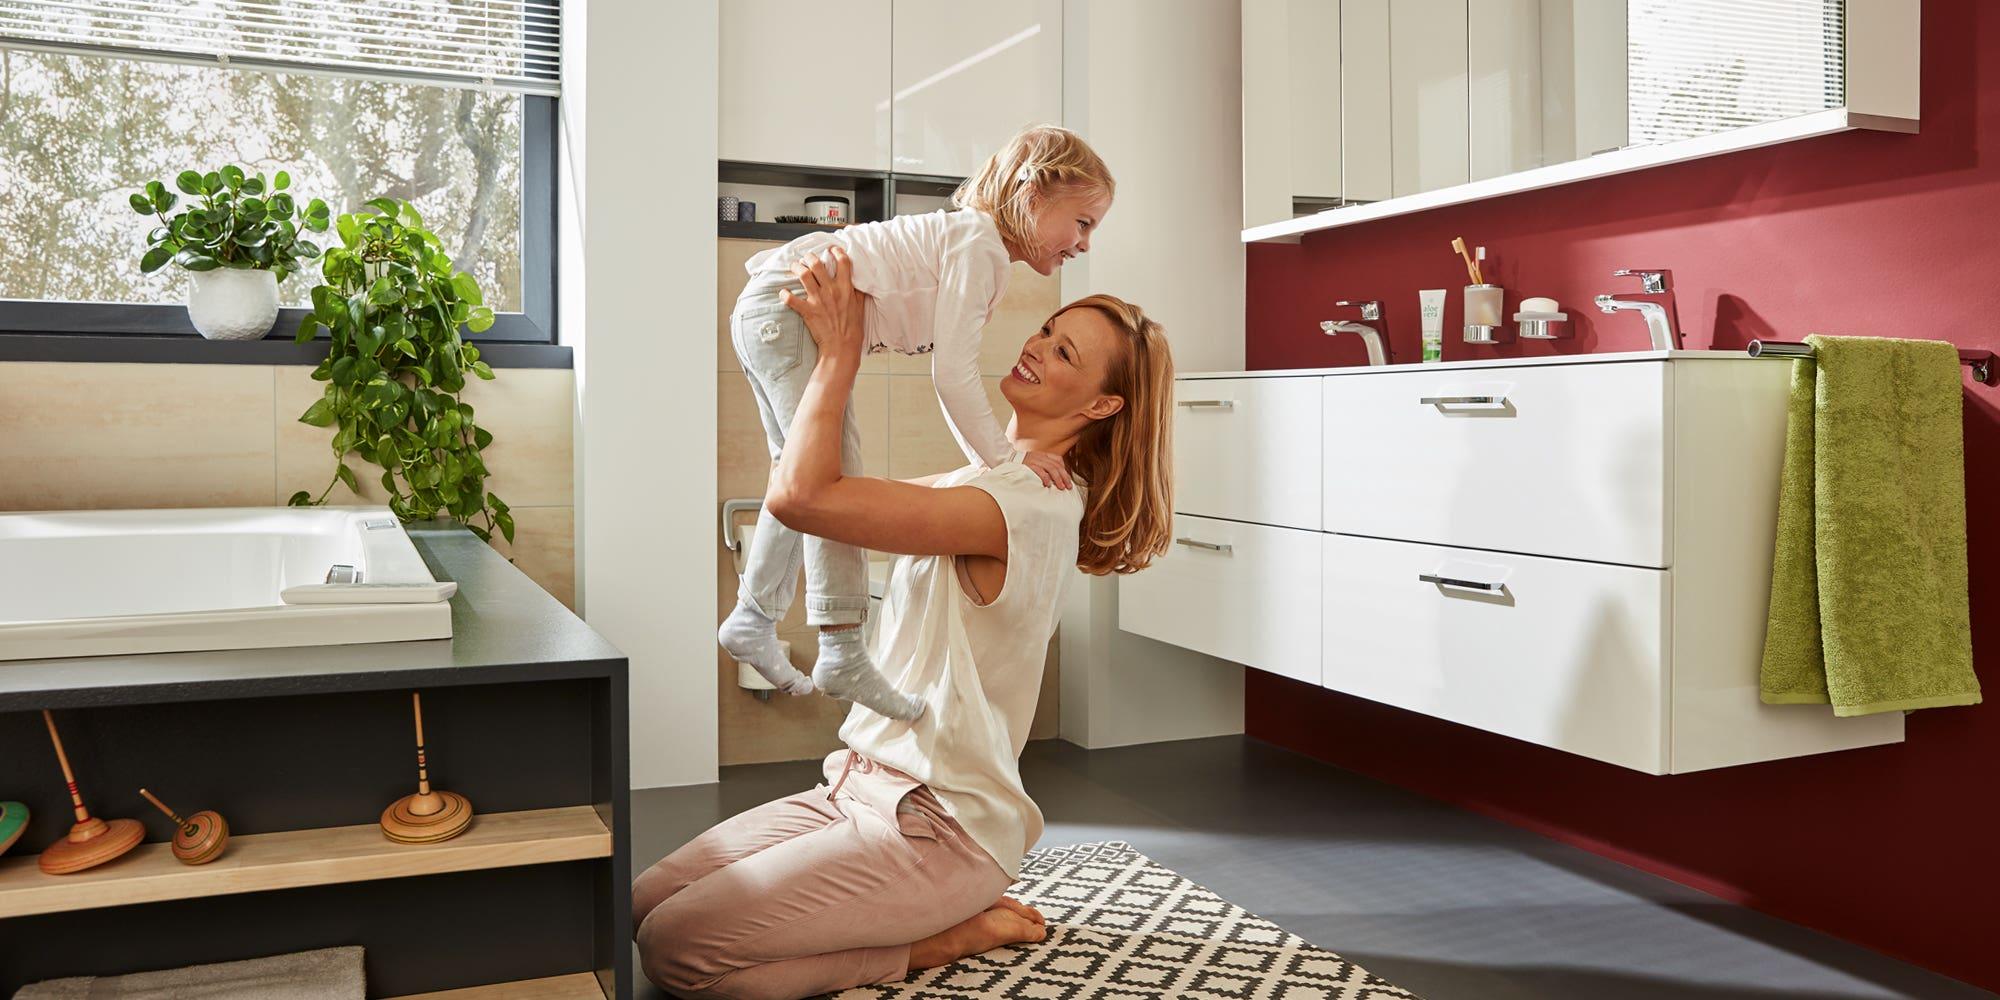 gro wt unterschrank derby zeitgen ssisch die. Black Bedroom Furniture Sets. Home Design Ideas